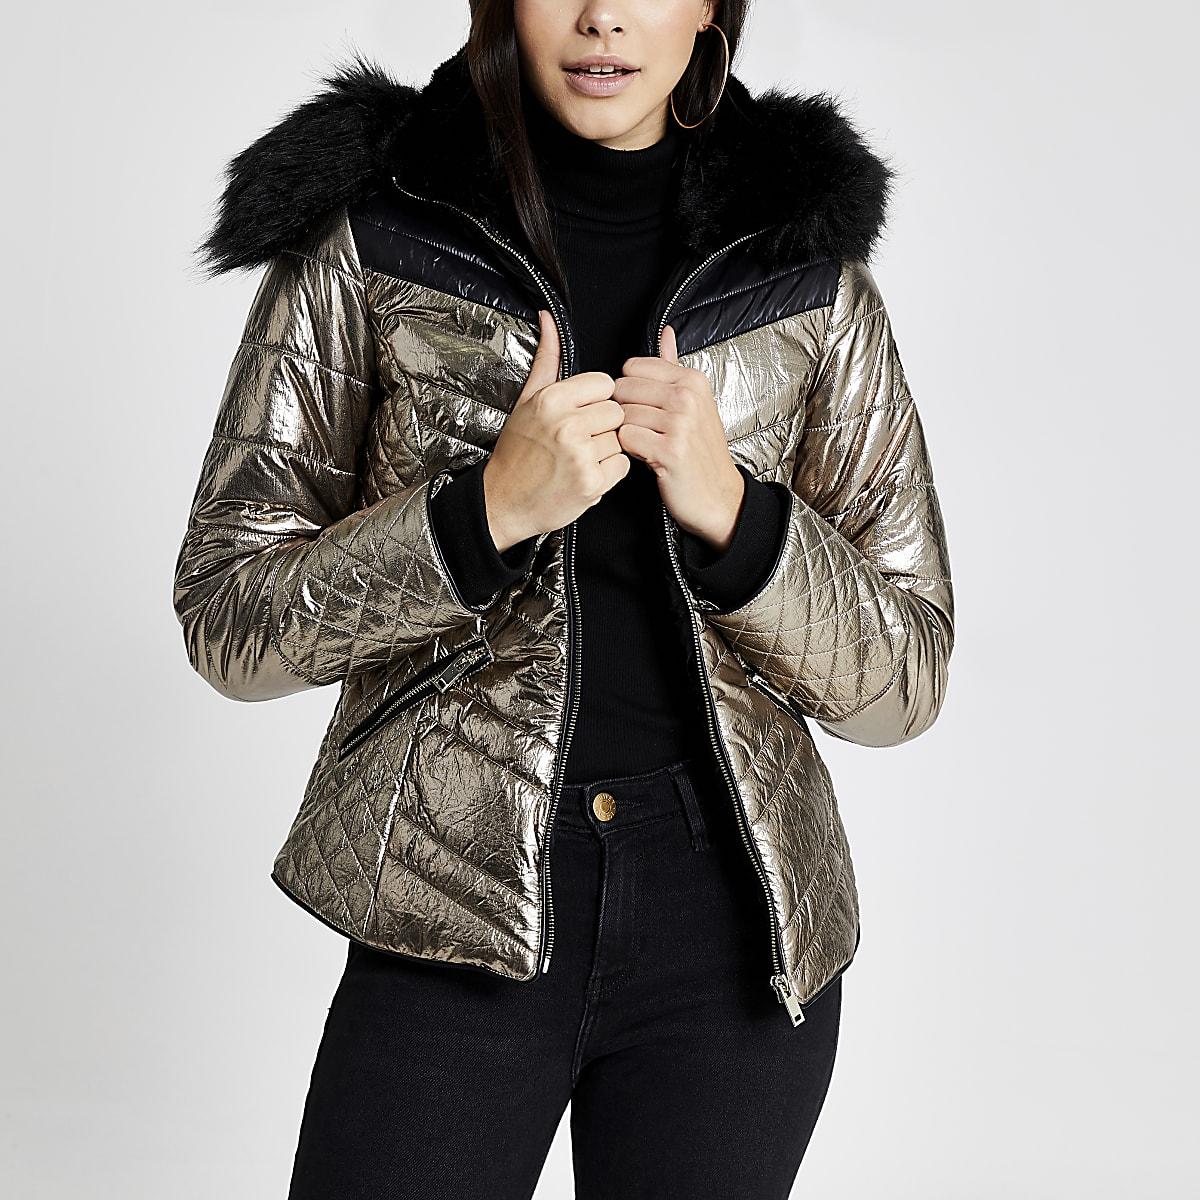 Bronskleurige metallic gewatteerde jas met capuchon van imitatiebont